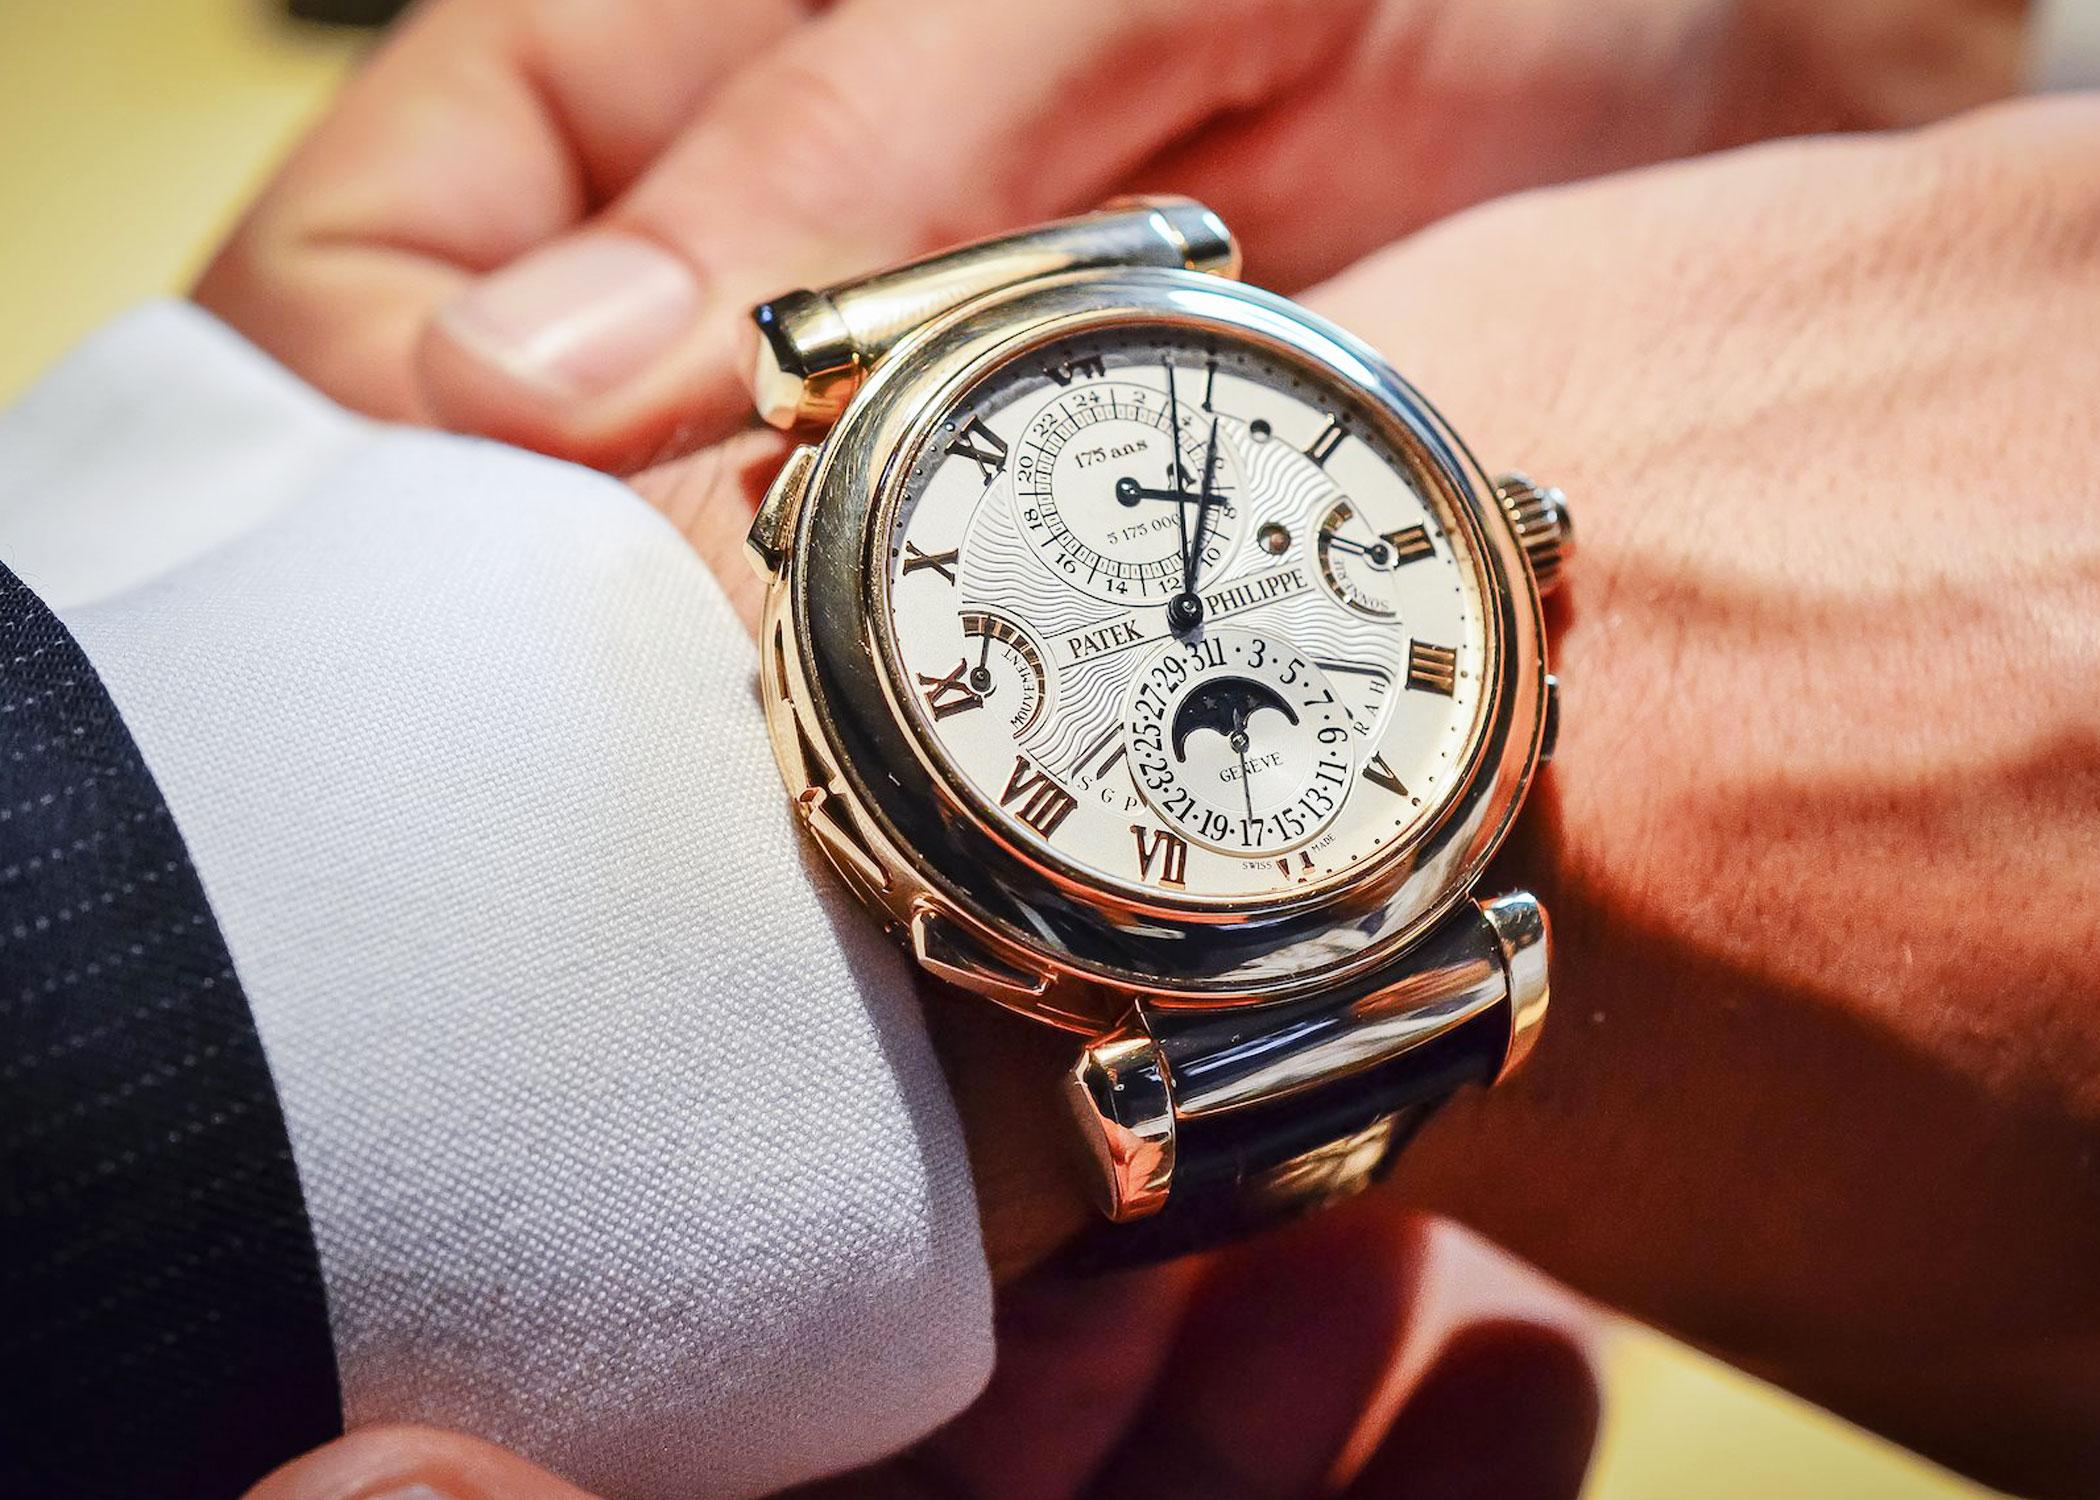 Час стоимость парня на часы ов швейцарских ломбард